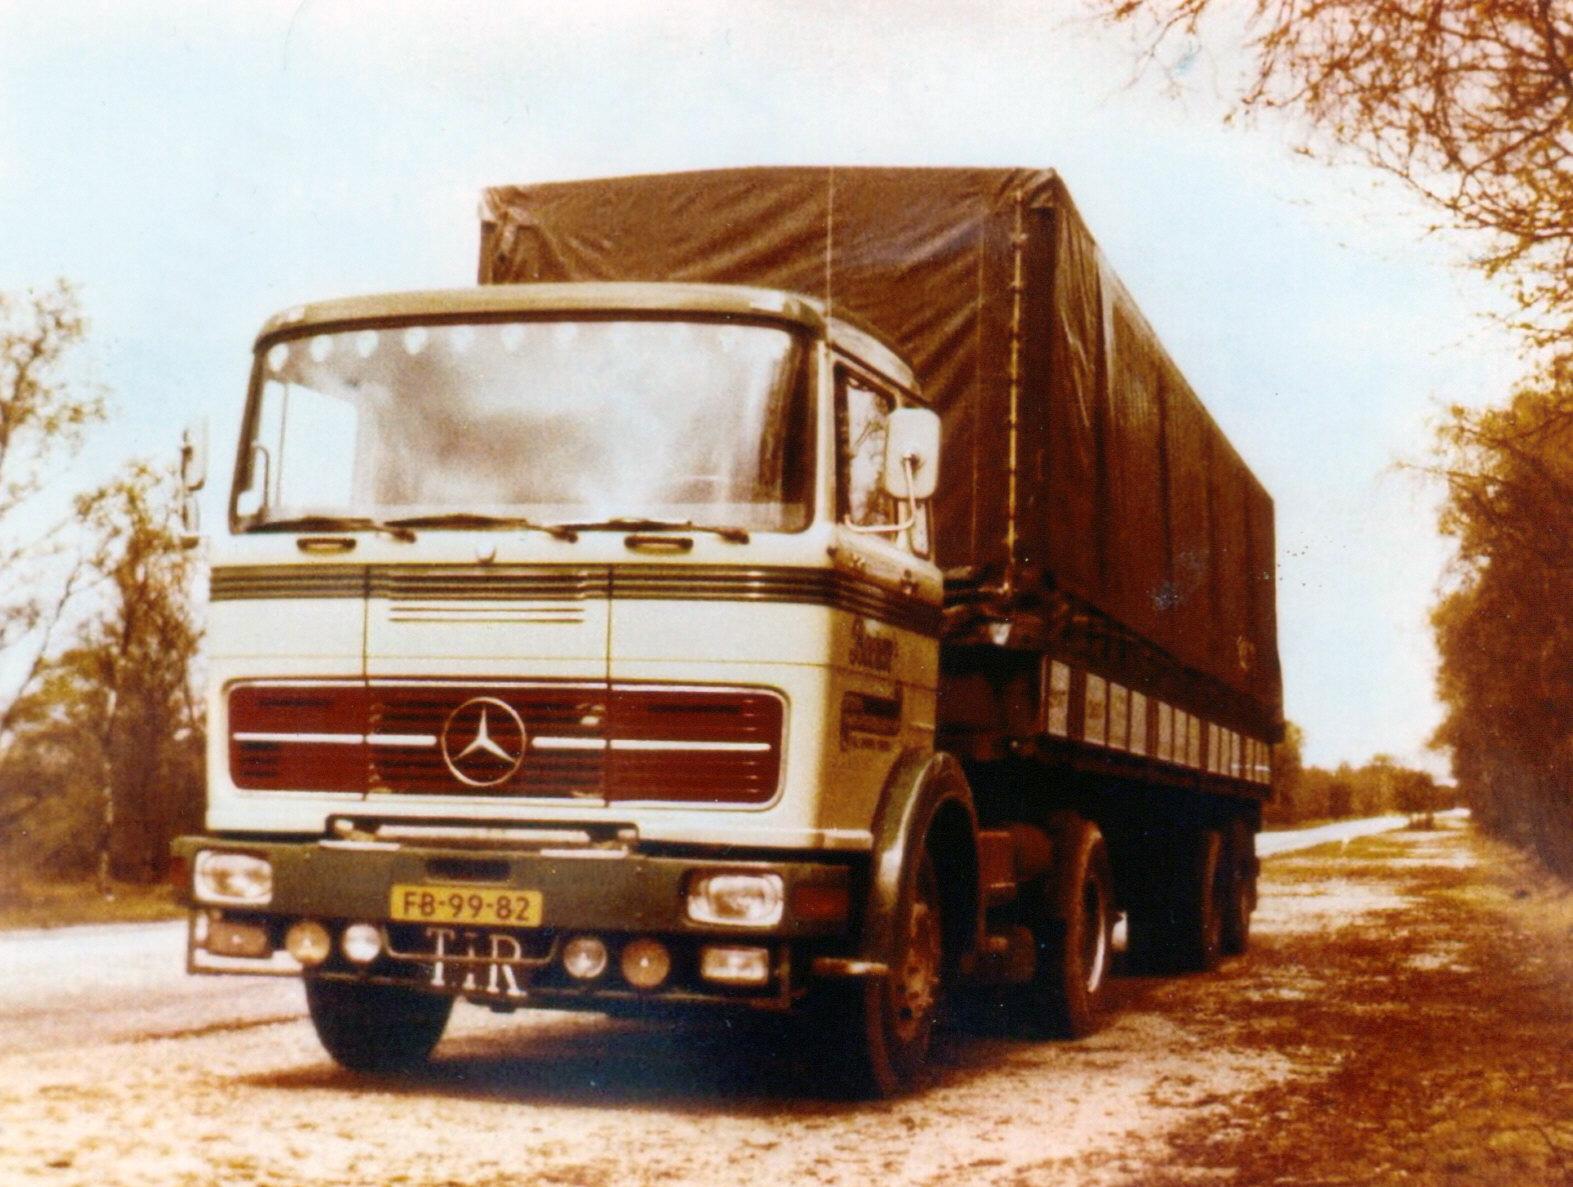 Mercedes  FB-99-82_bewerkt